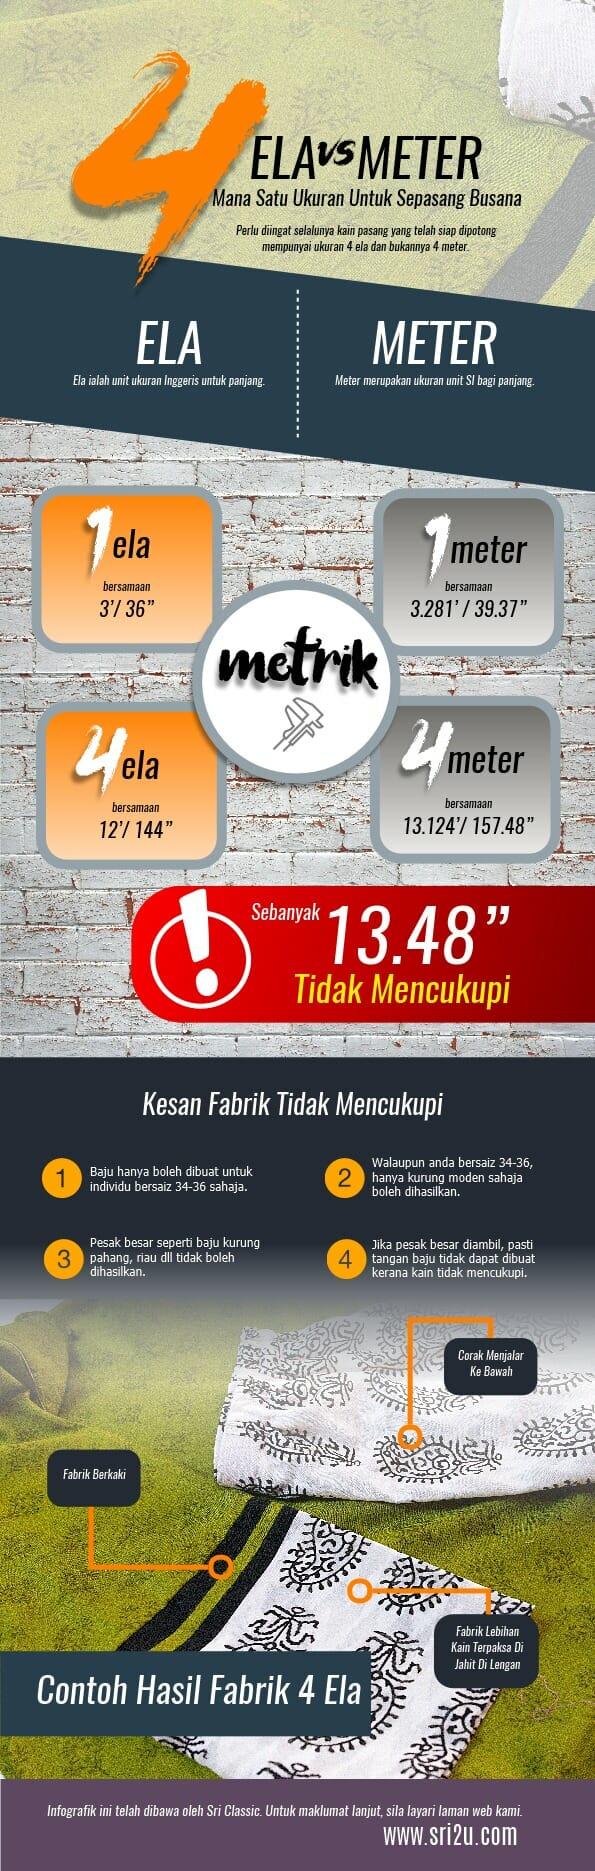 Infografik 4 Ela atau 4 Meter Fabrik